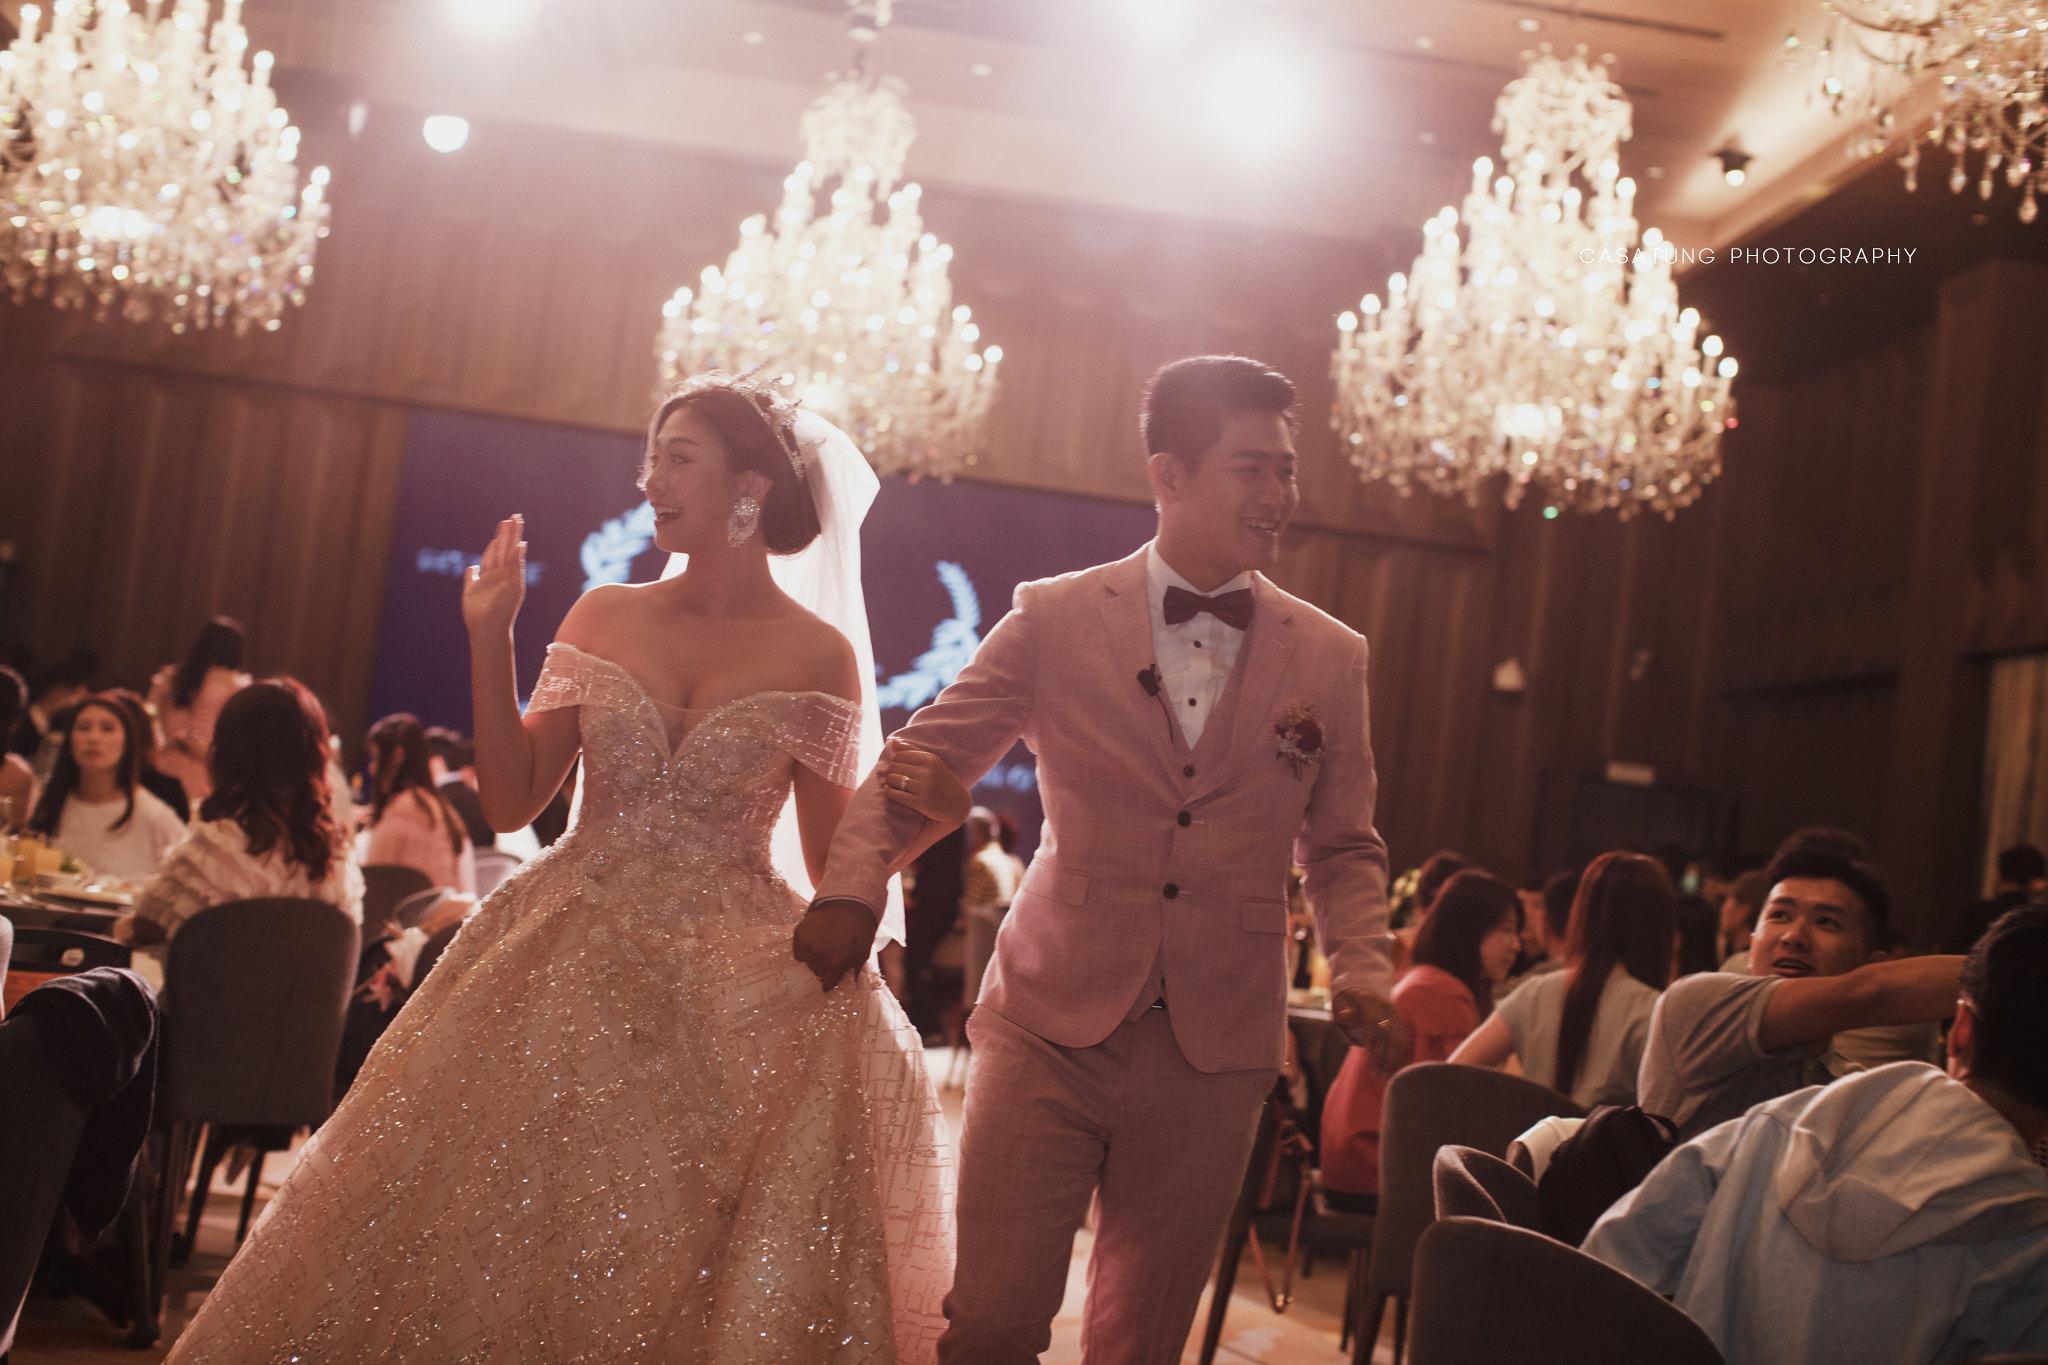 戶外婚禮, 手工婚紗, 台中婚攝, 自助婚紗, 婚紗工作室, 婚紗推薦旋轉木馬, 婚攝推廷, 婚攝CASA, 推薦婚攝, 旋轉木馬婚紗, 萊特維庭婚禮, 禮服出租, lightweeding,萊特薇庭婚攝-123